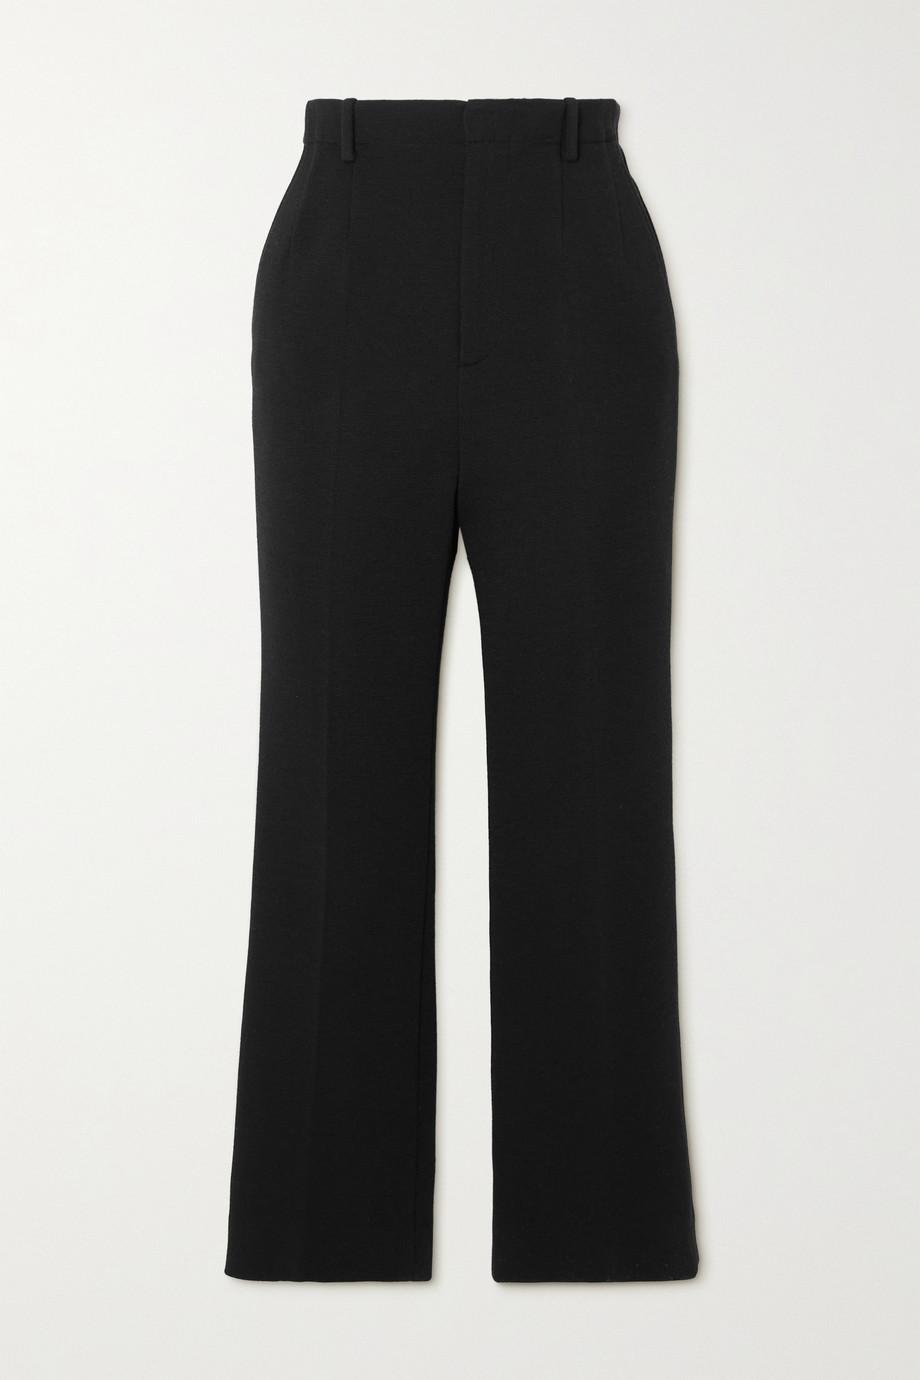 SAINT LAURENT Pantalon évasé en laine mélangée